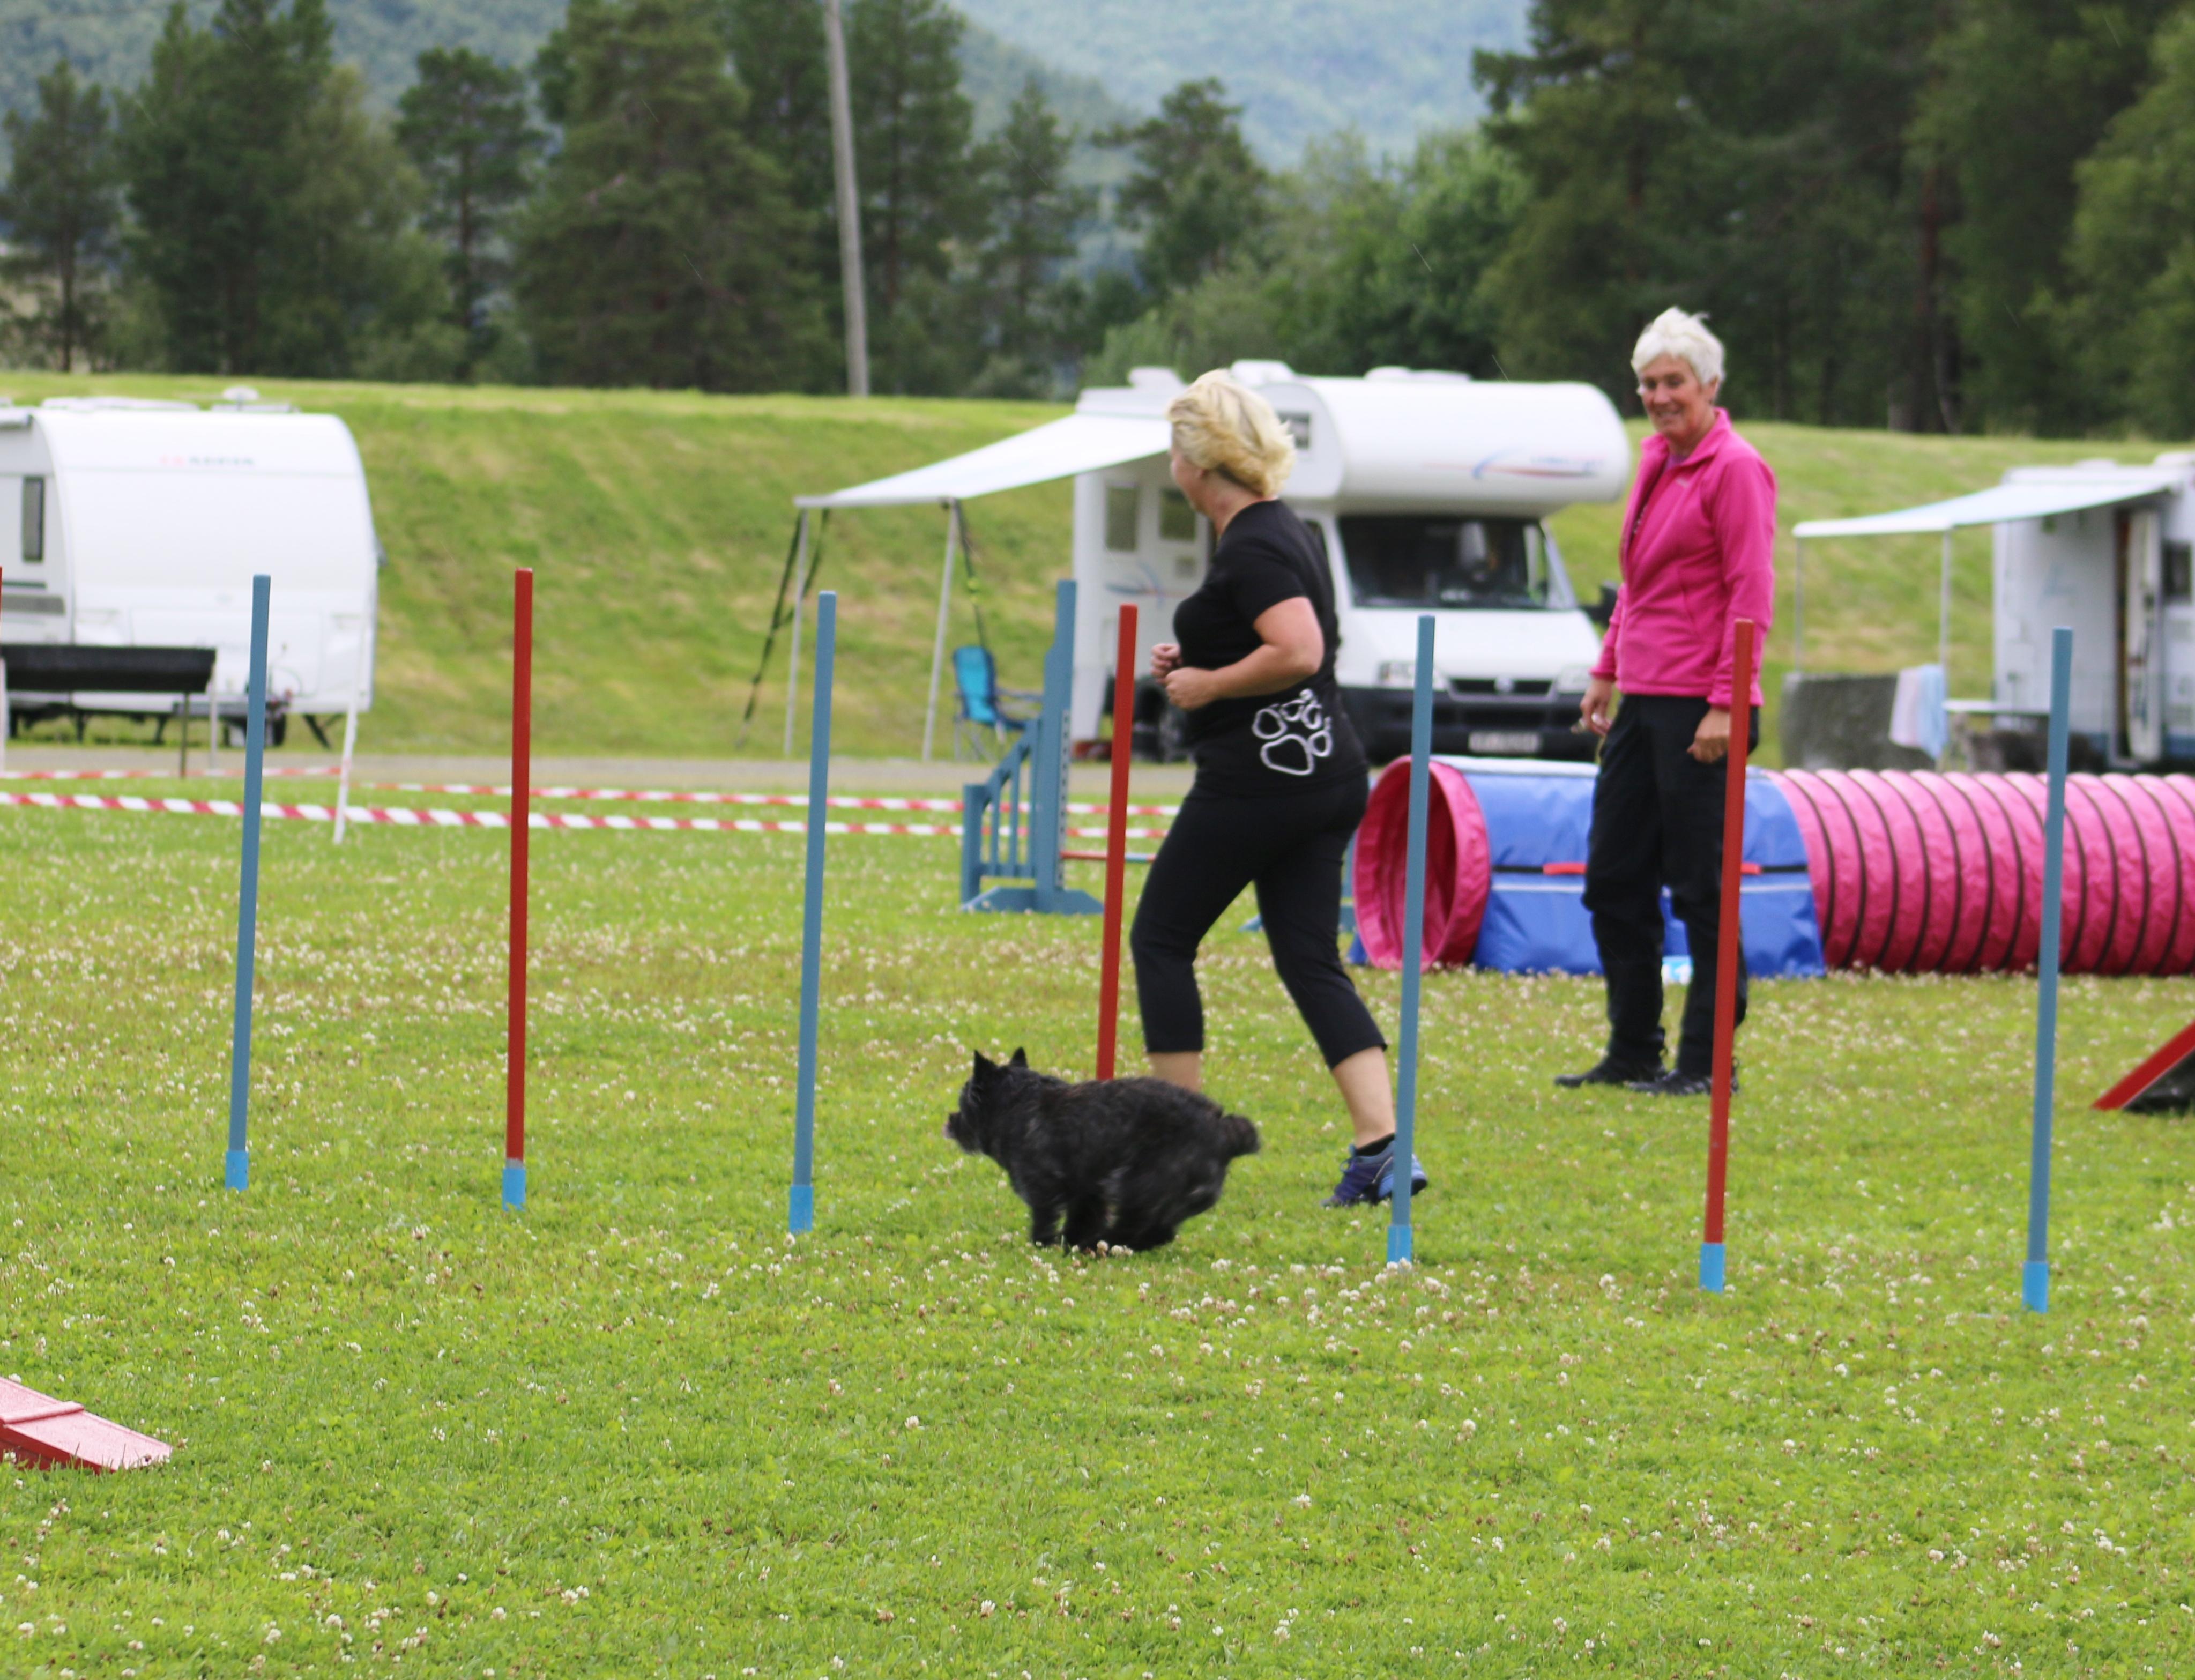 Pernille slalom Bardu hund stevne